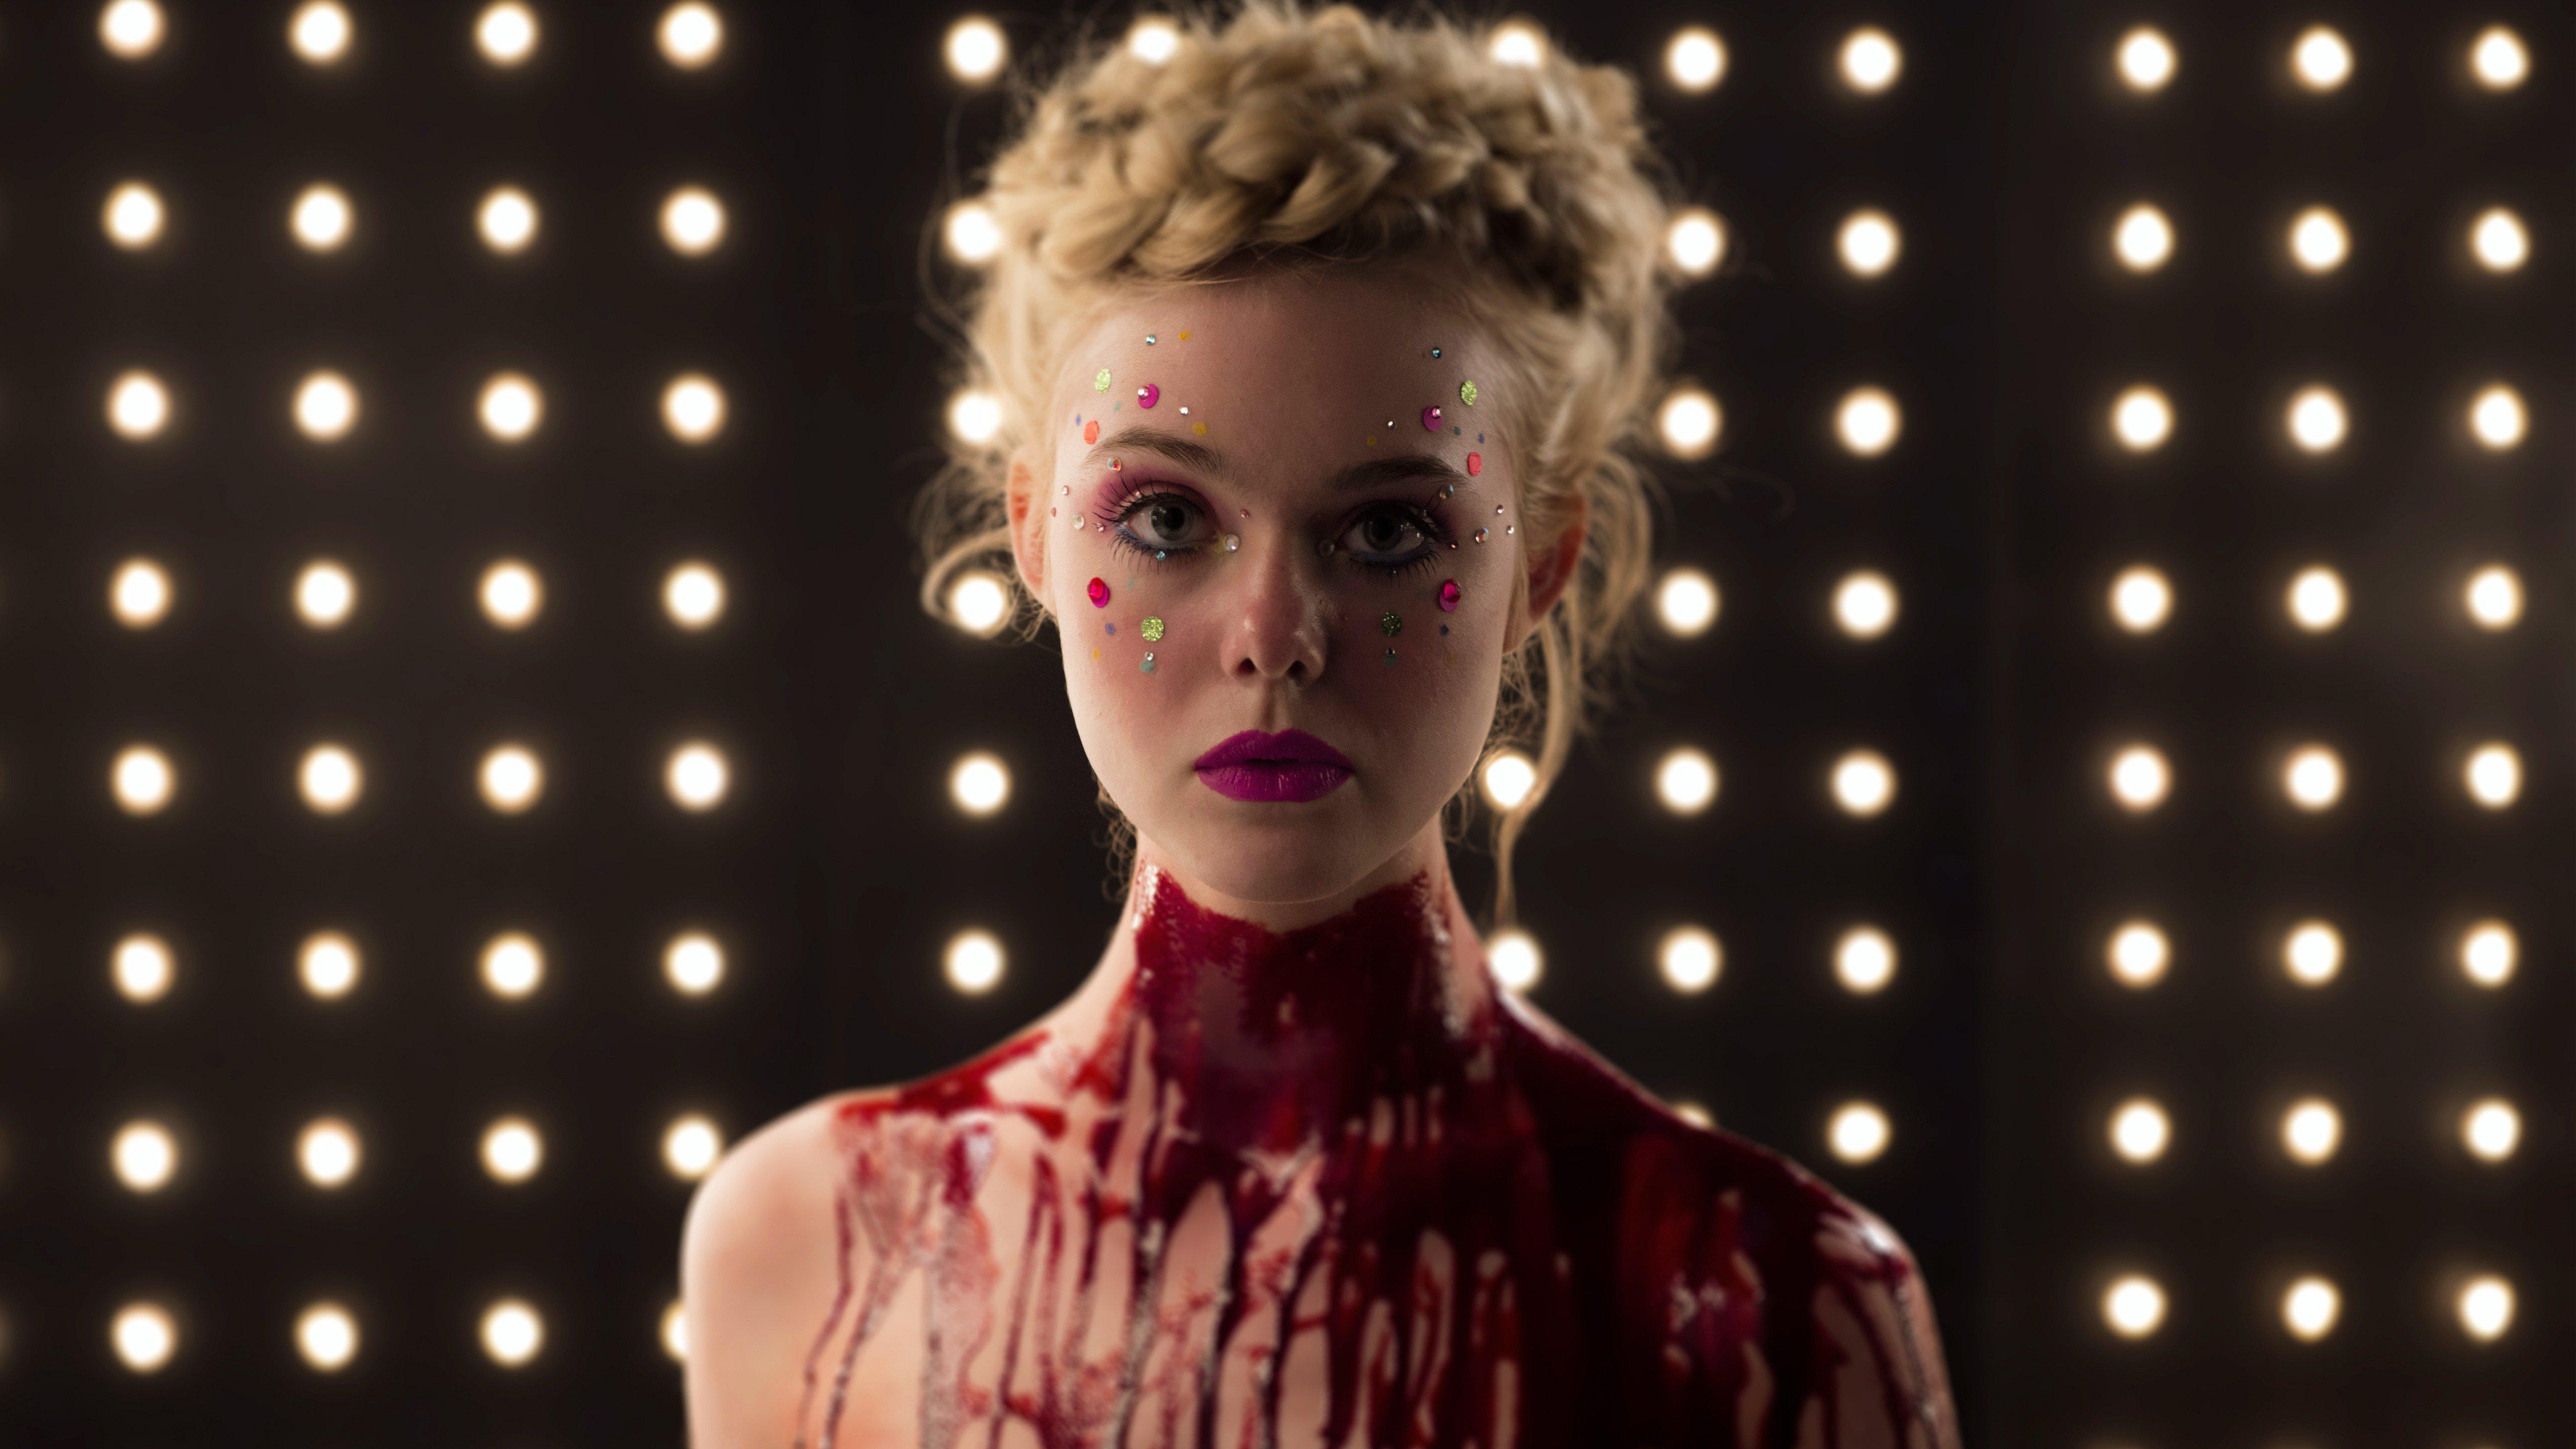 Shootings verlangen einiges ab. Aber Jesse (Elle Fanning) ist nicht nur vor der Kamera blutüberströmt.